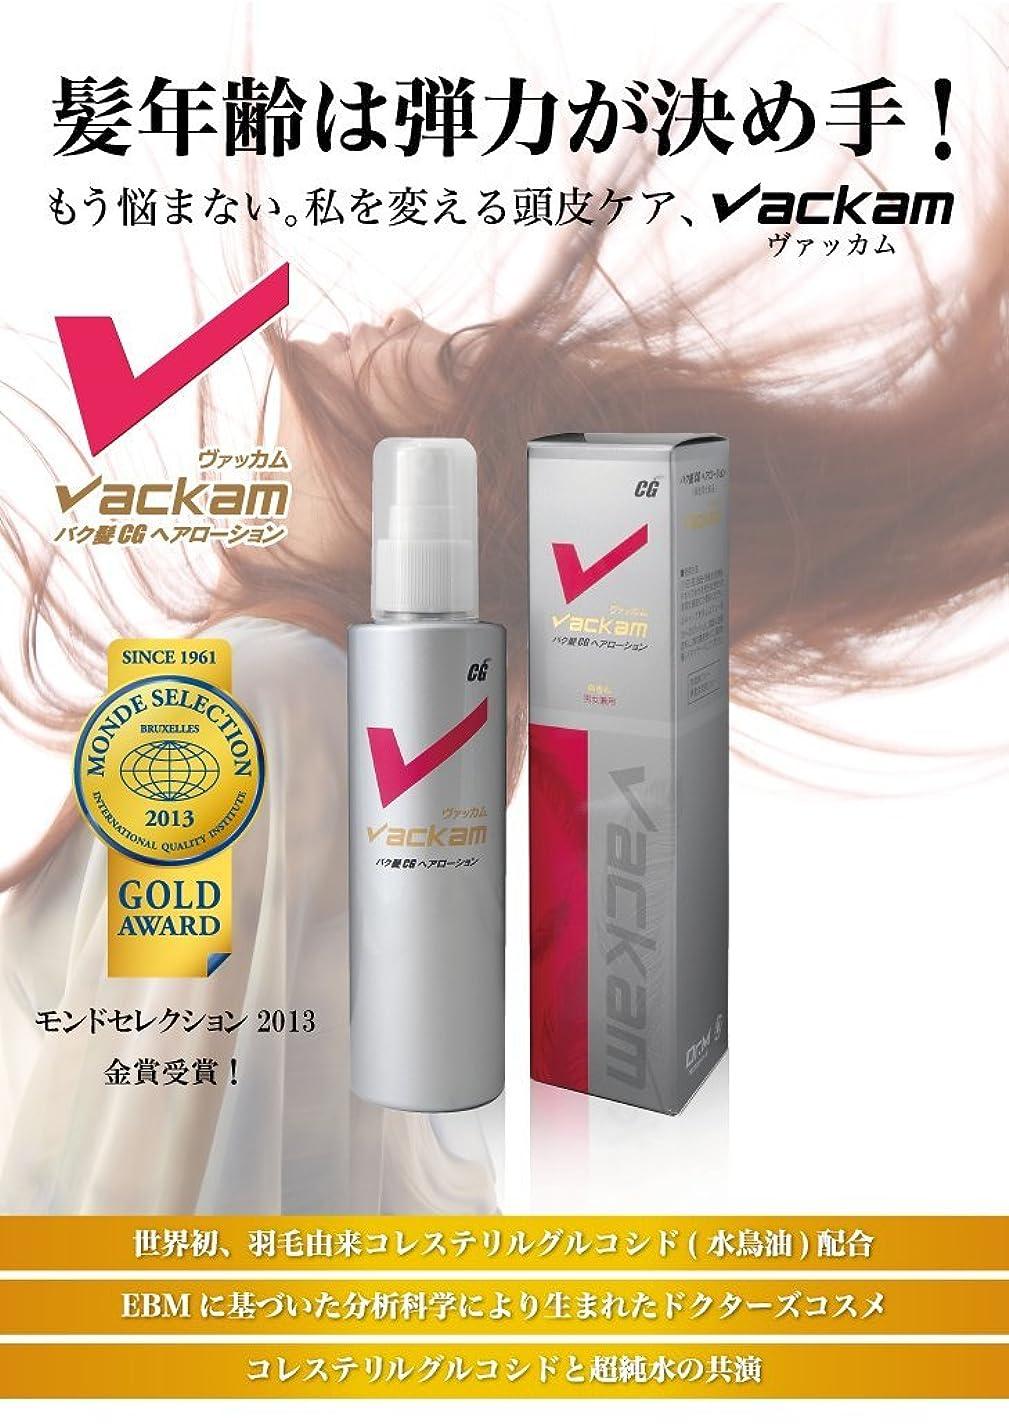 スポットトリムモバイル頭皮用化粧品 バク髪CGヘアローションVackam ヴァッカム 男女兼用 モンドセレクション2013金賞受賞